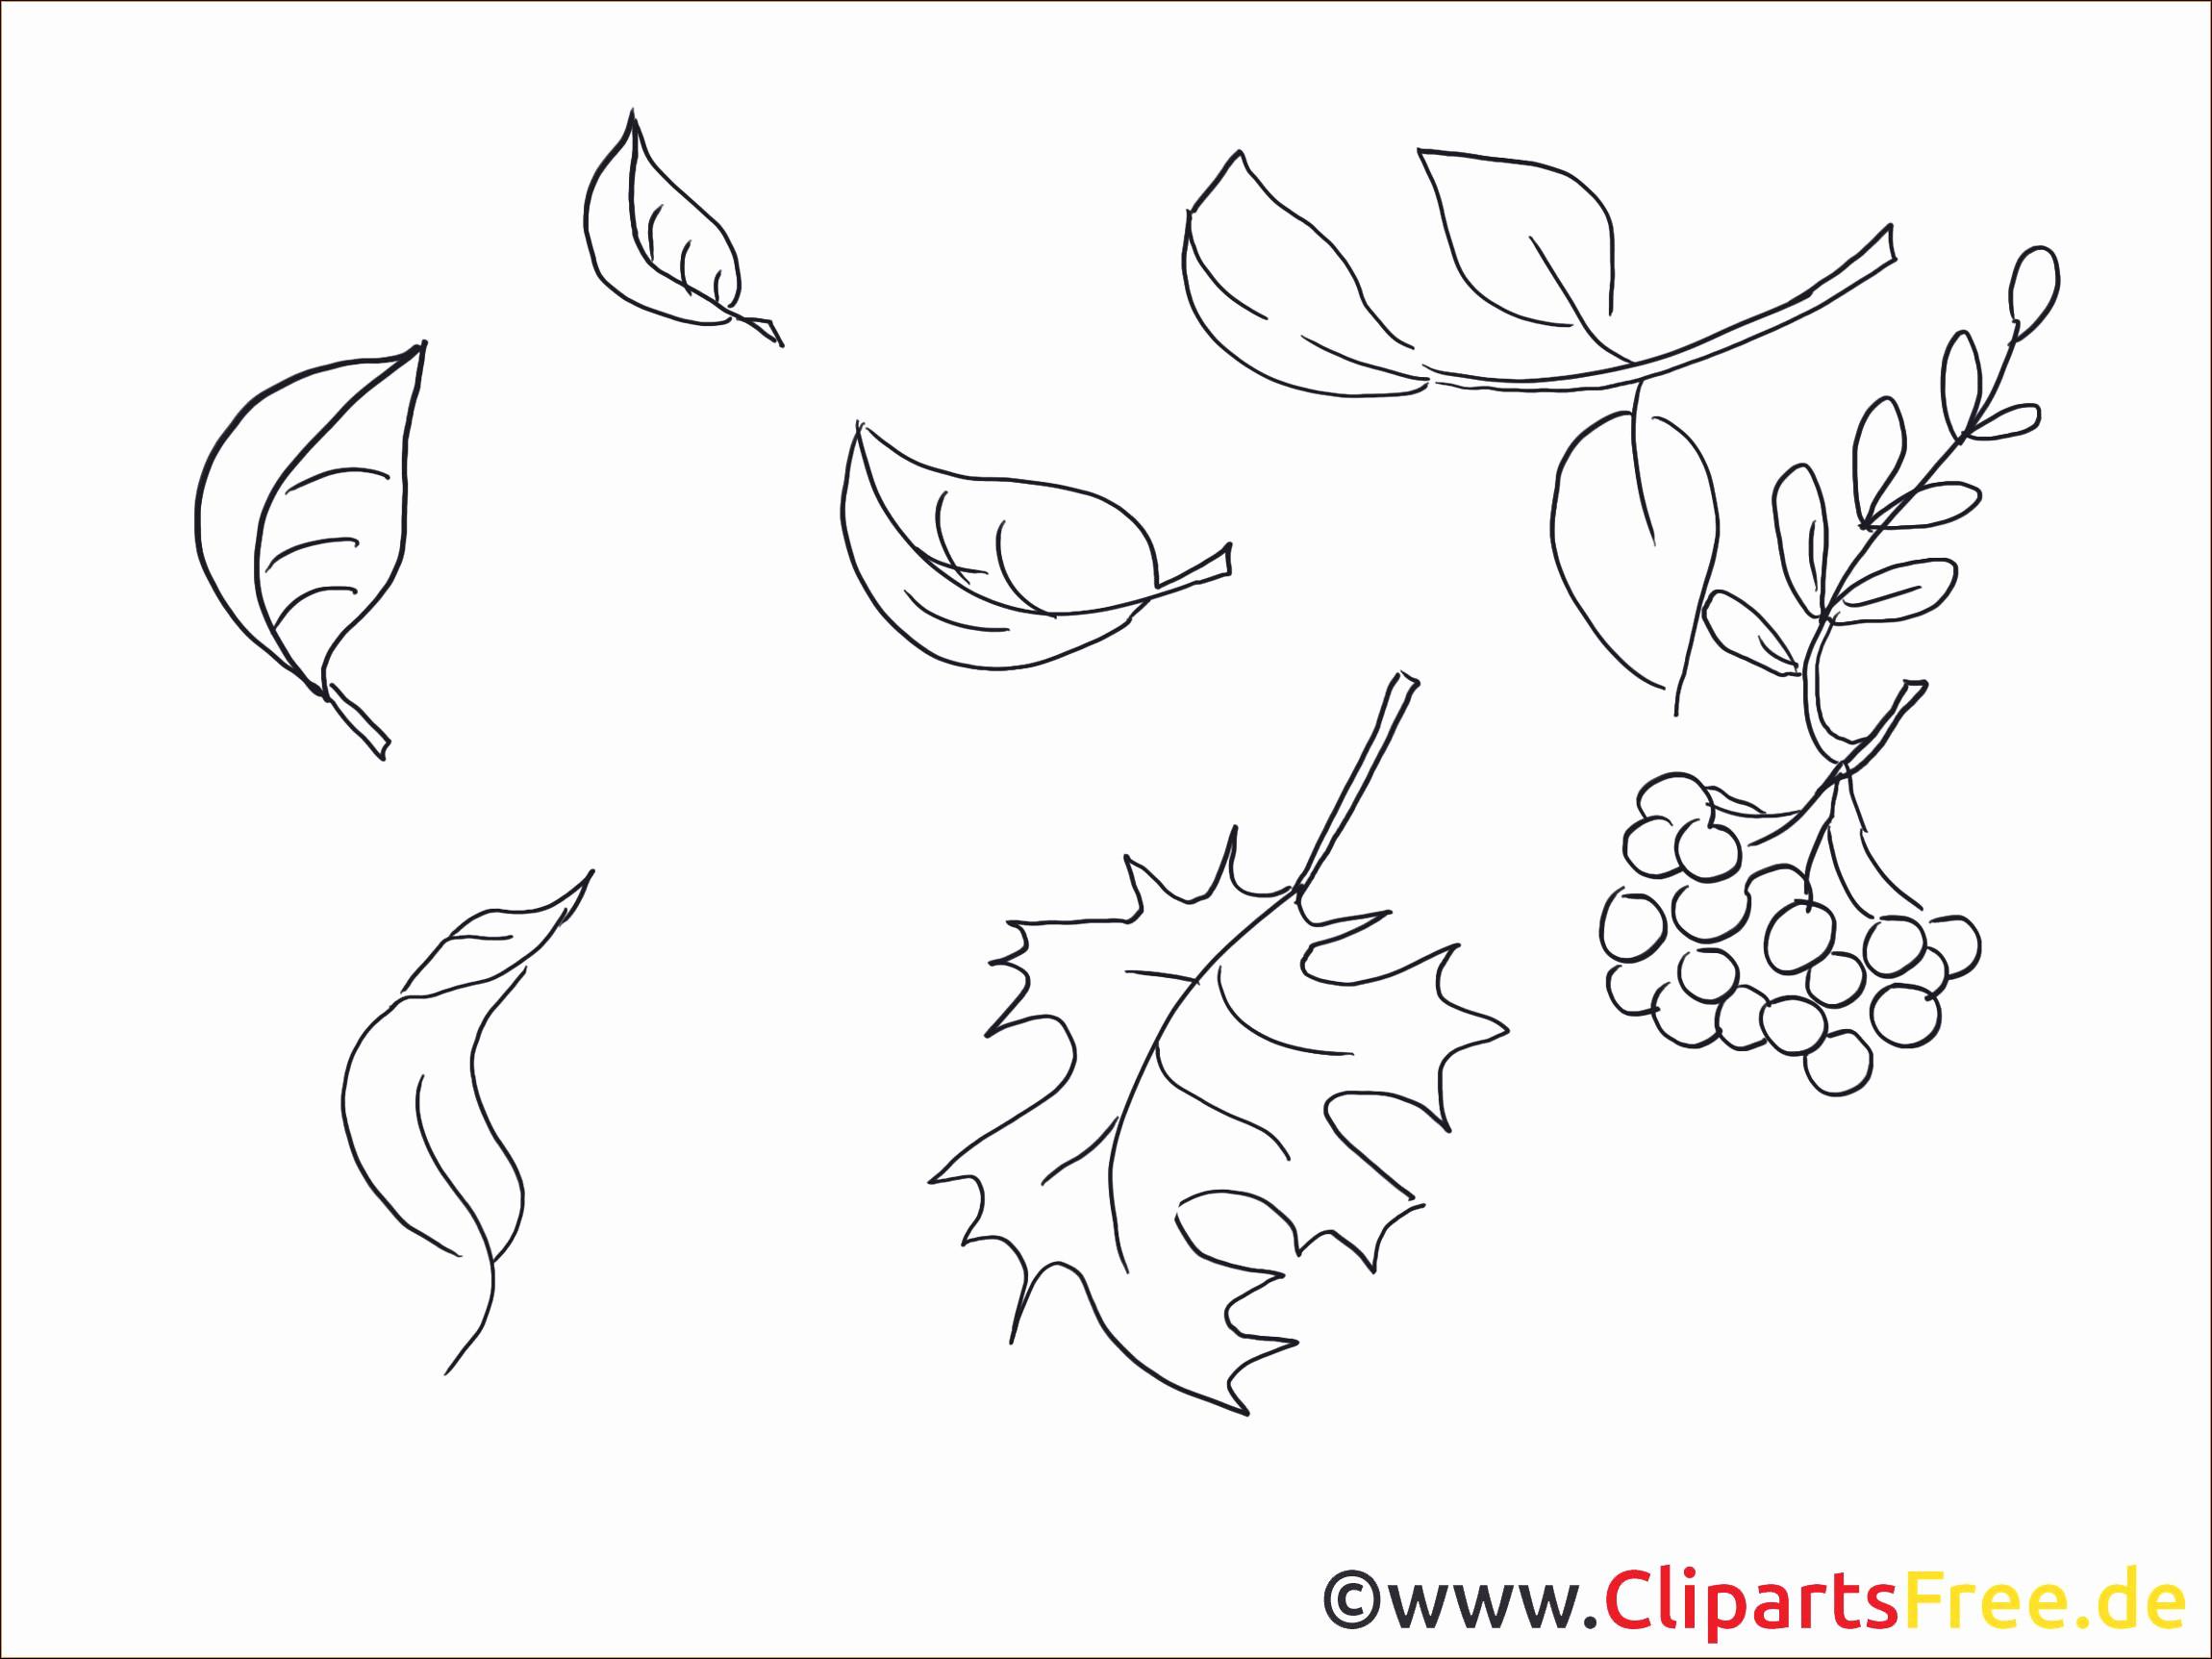 Baum Zeichnung Bleistift Frisch Schmetterling Zeichnen Bleistift Konzepte 325 Best Zeichnen Das Bild